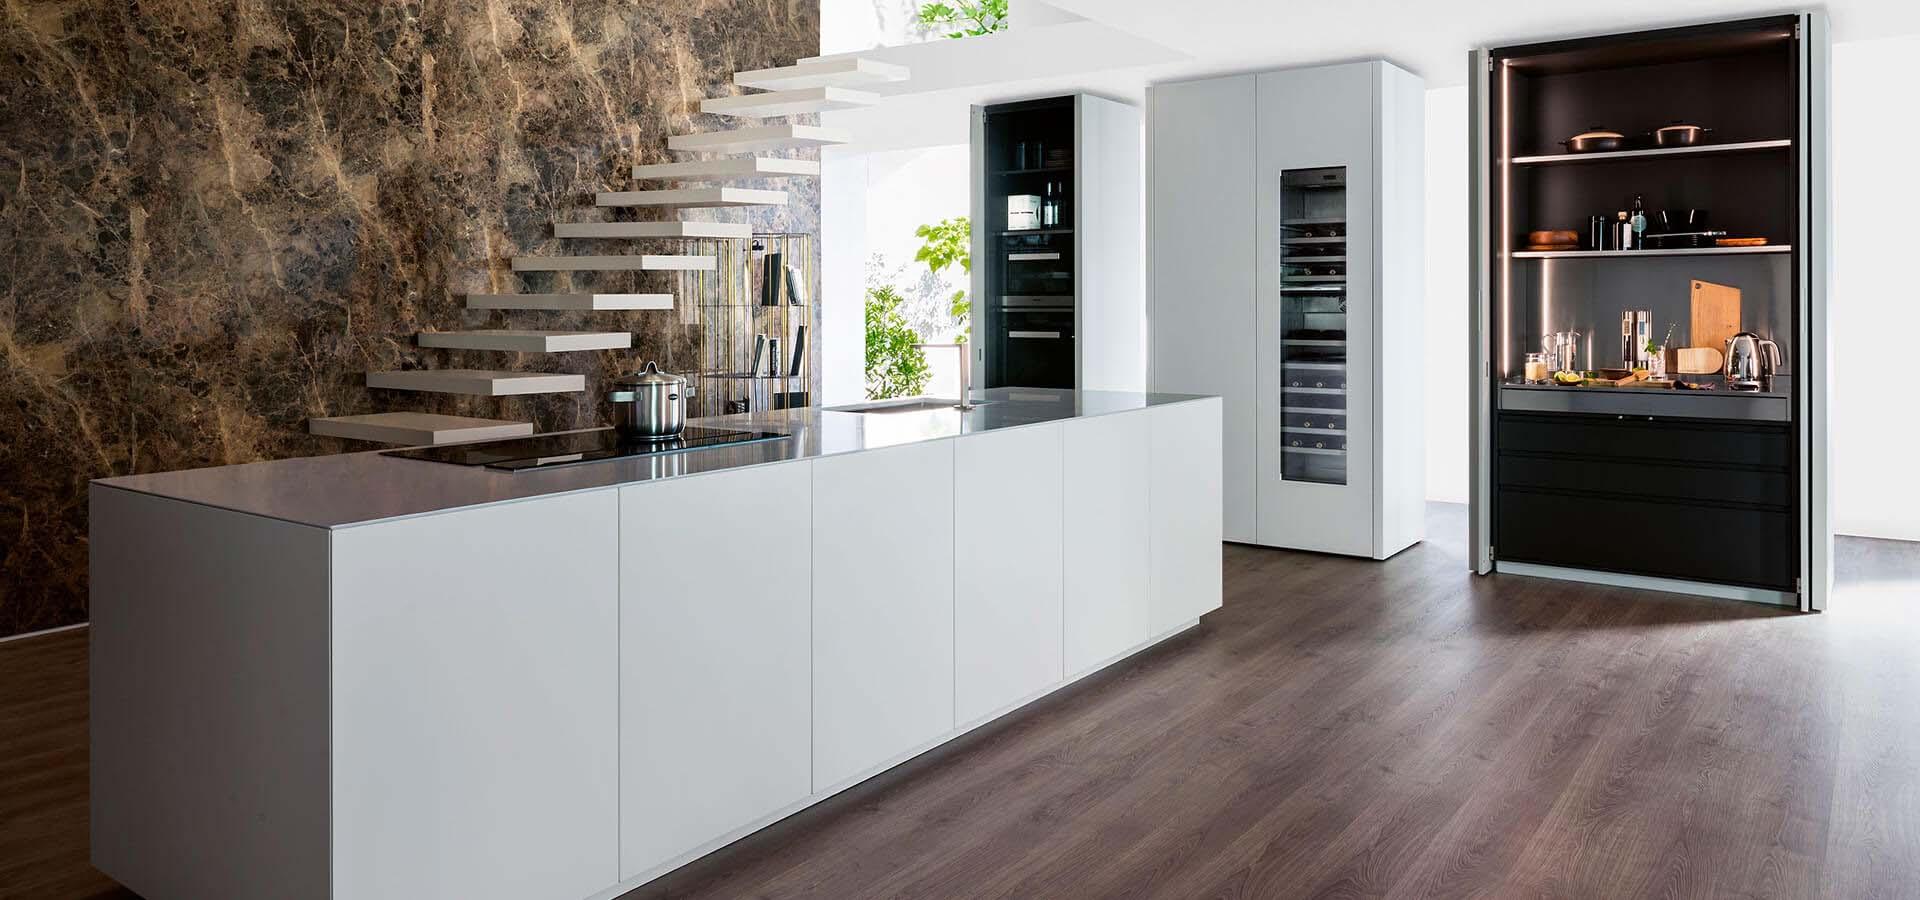 kitchen cabinets wholesale china-02